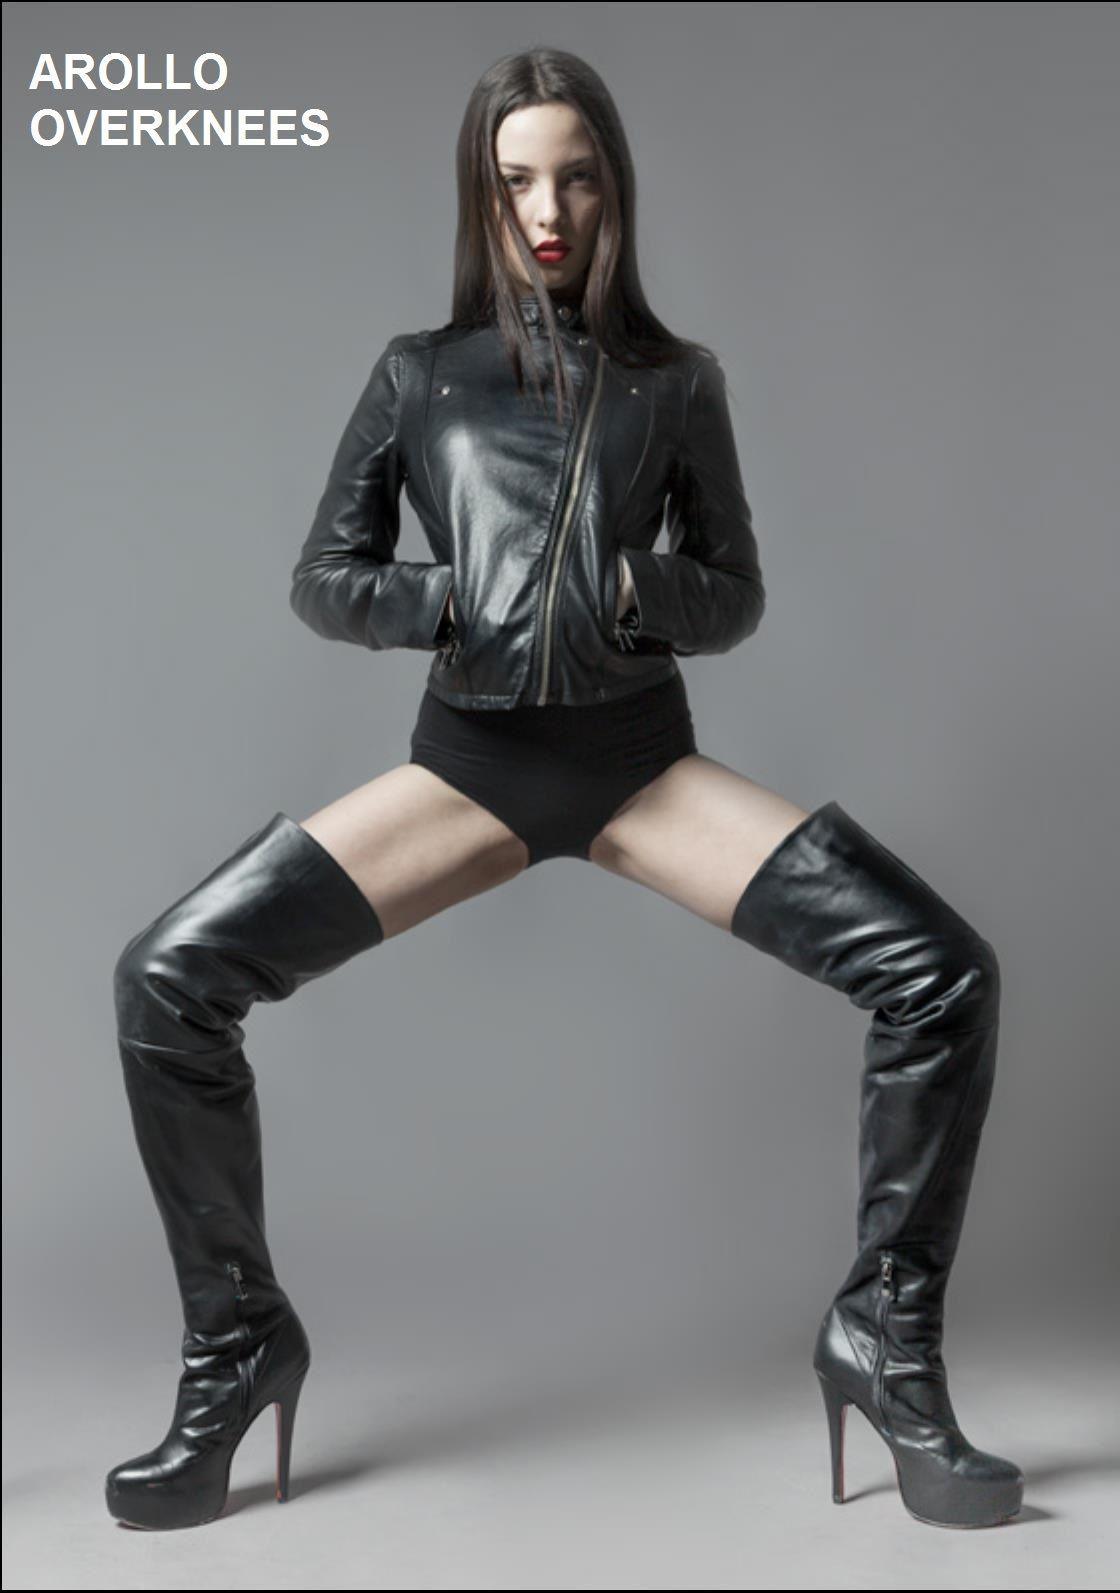 Arollo Leather Heeled Boots E1222e68f4ac39cf1922e58933e717d0